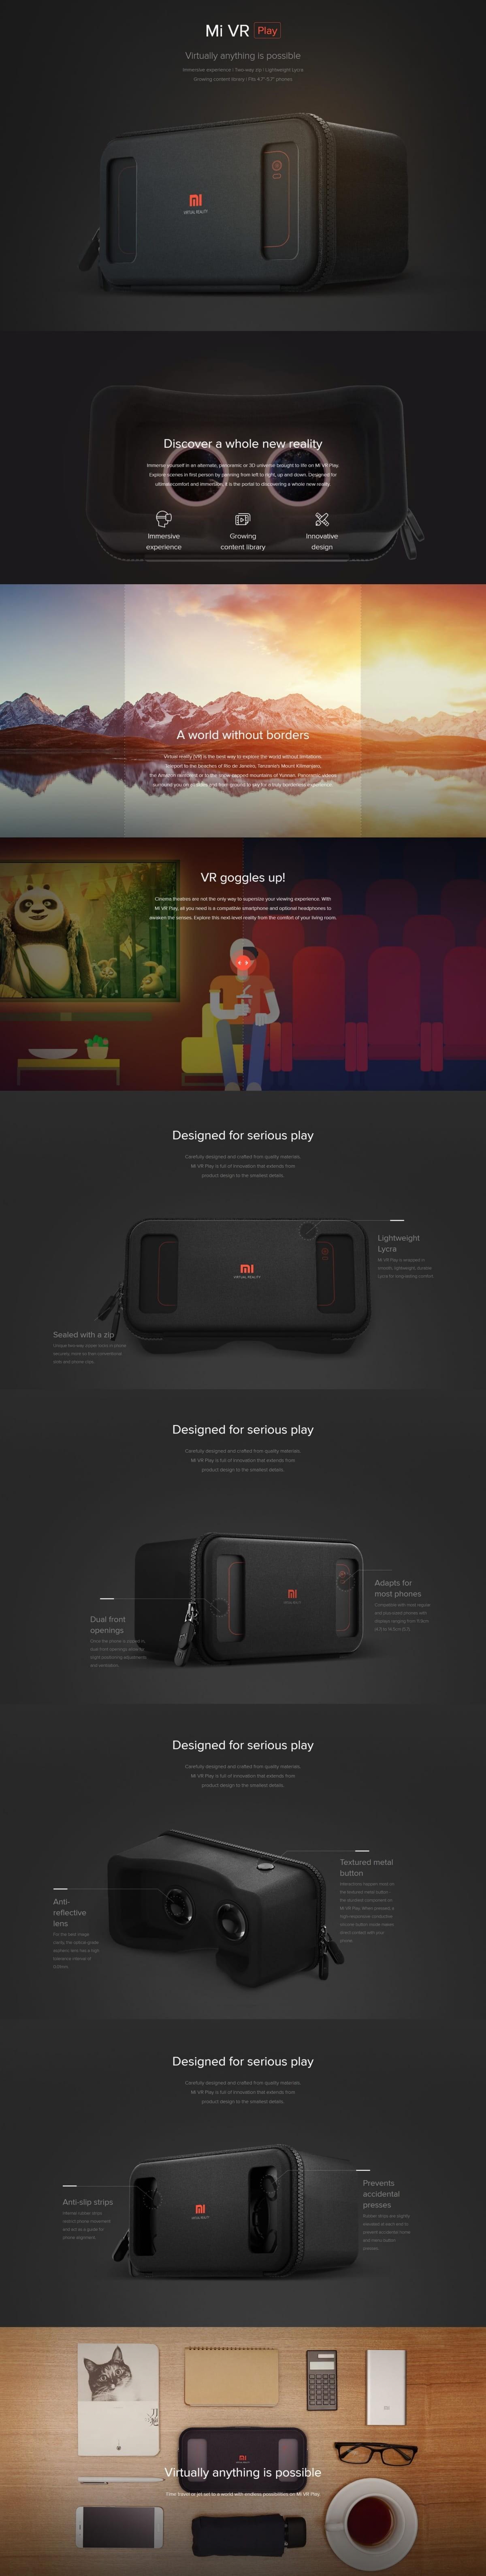 Xiaomi-VR-Play-V1C77f7d4490c6cd016.jpg